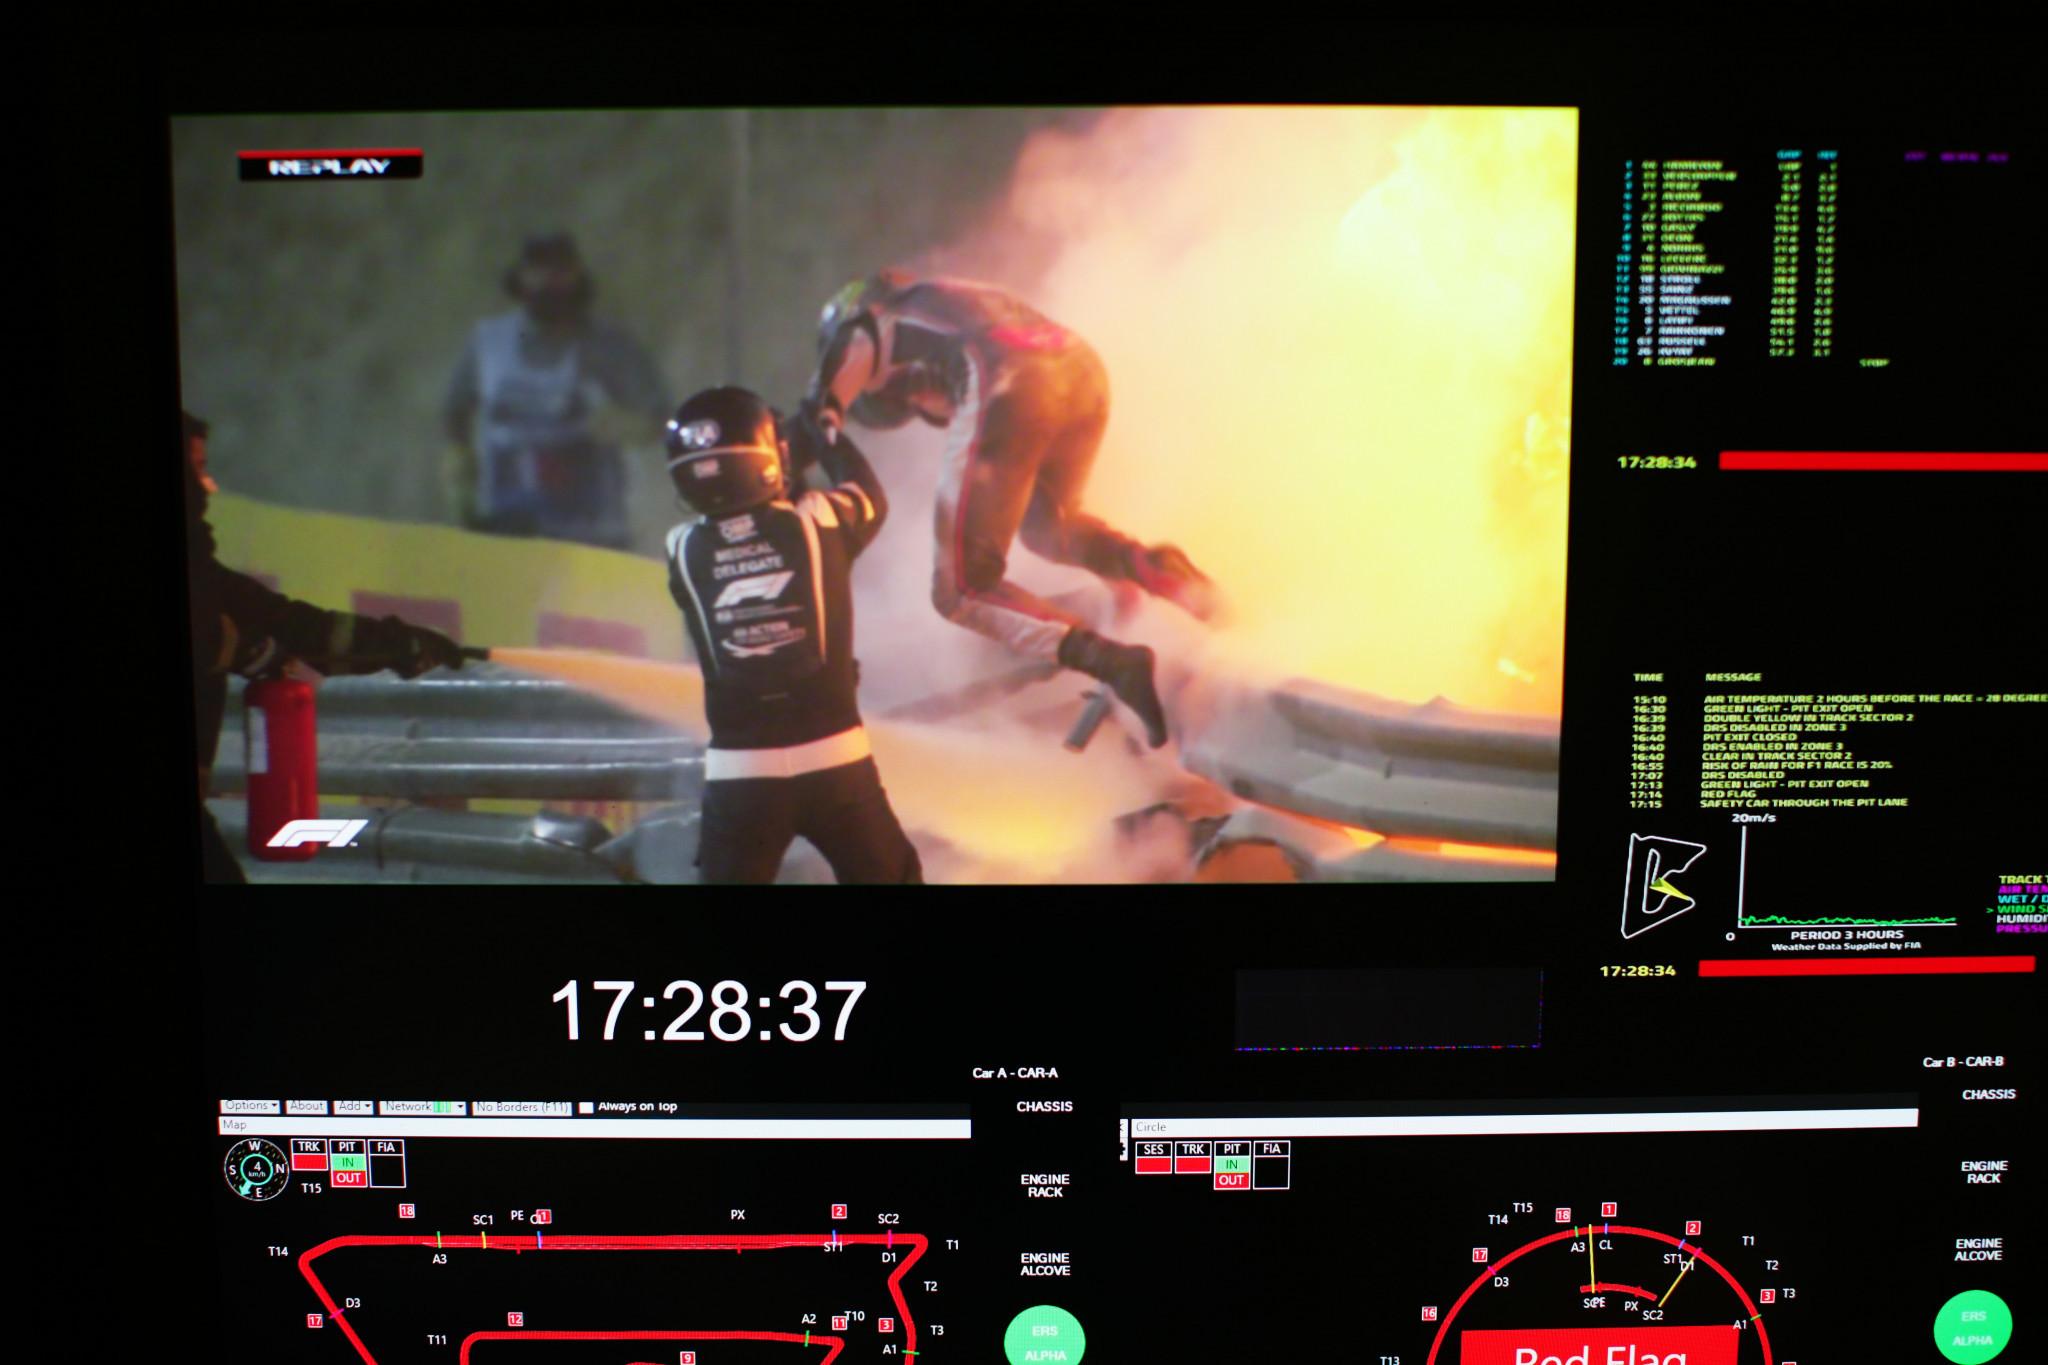 Grosjean crash footage among 2021 SPORTEL Awards winners